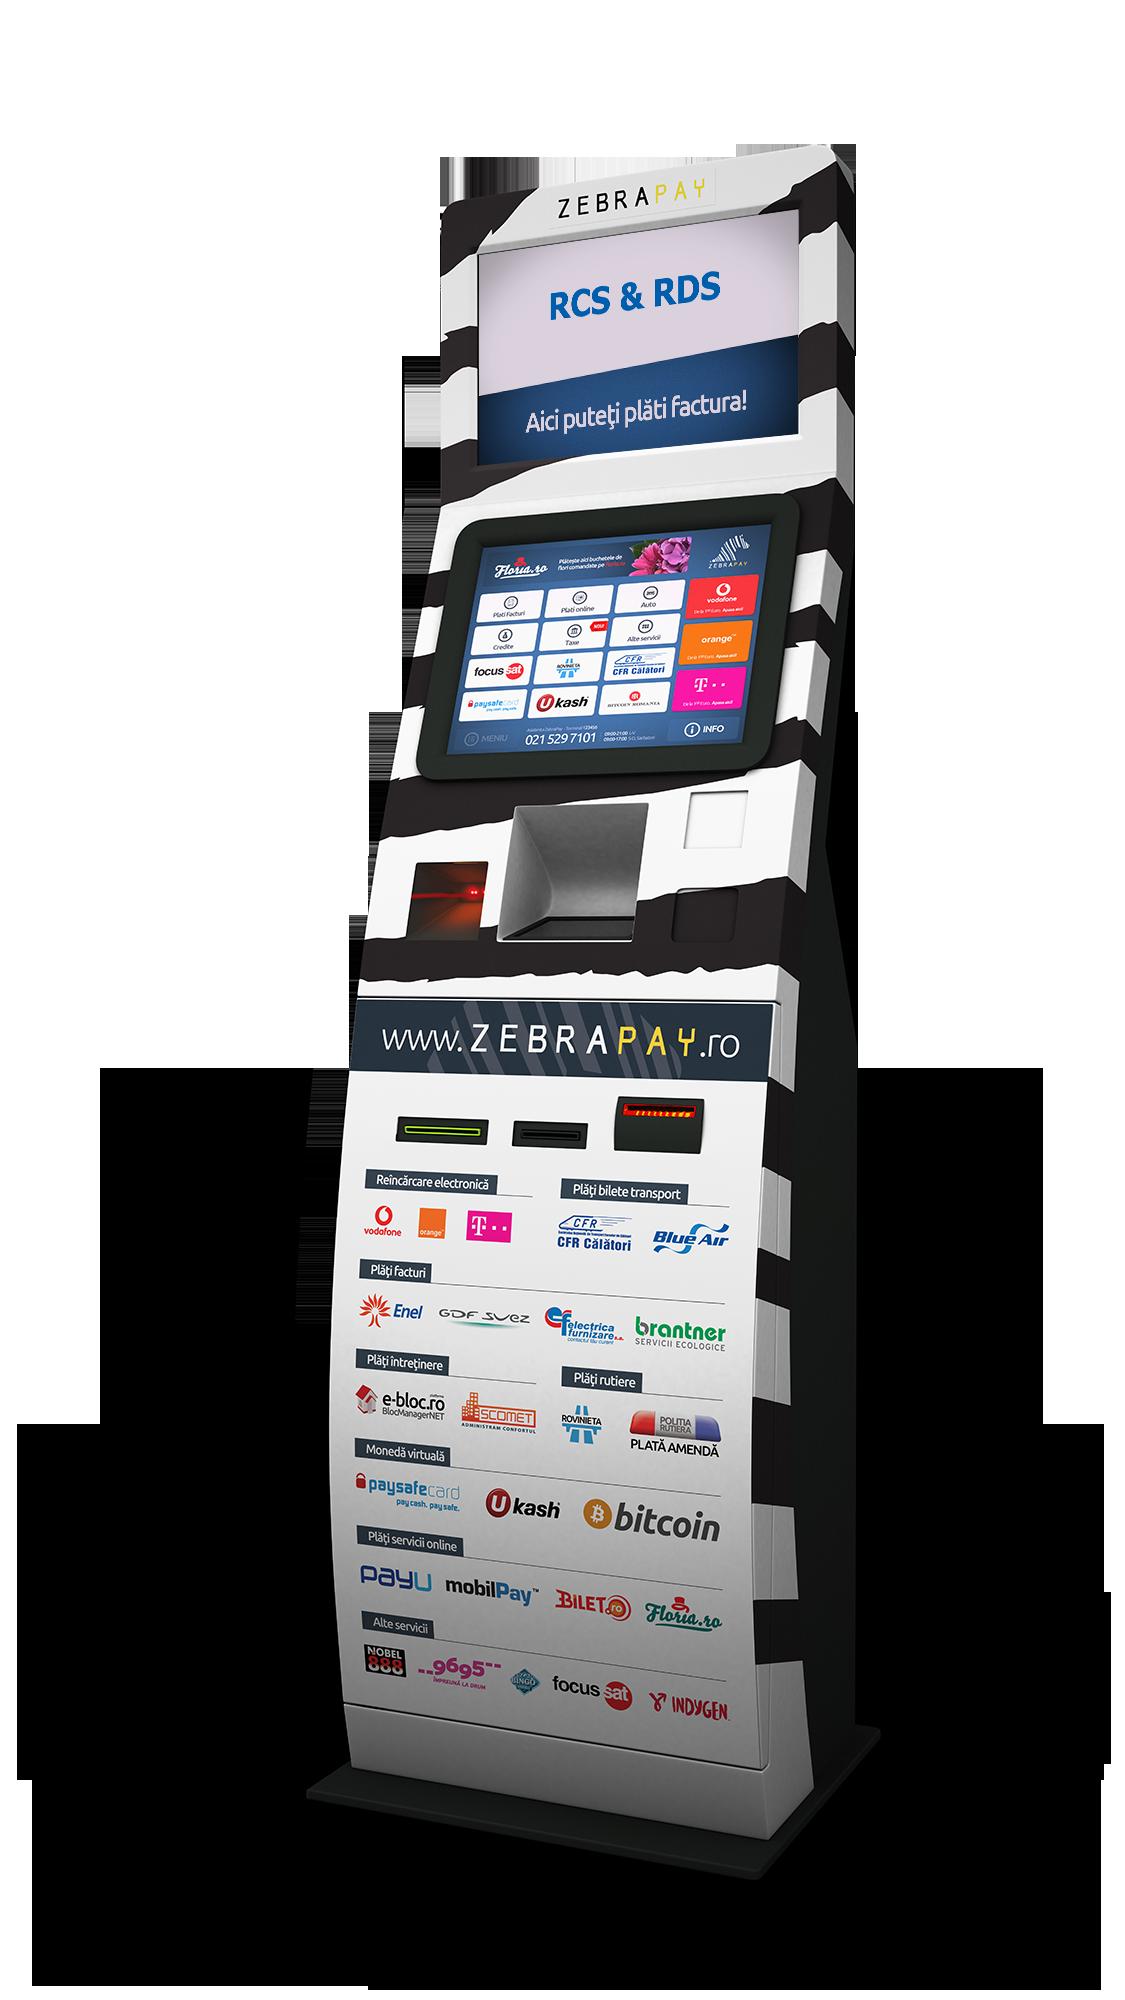 Abonaţii RCS & RDS își pot achita facturile la terminalele ZebraPay